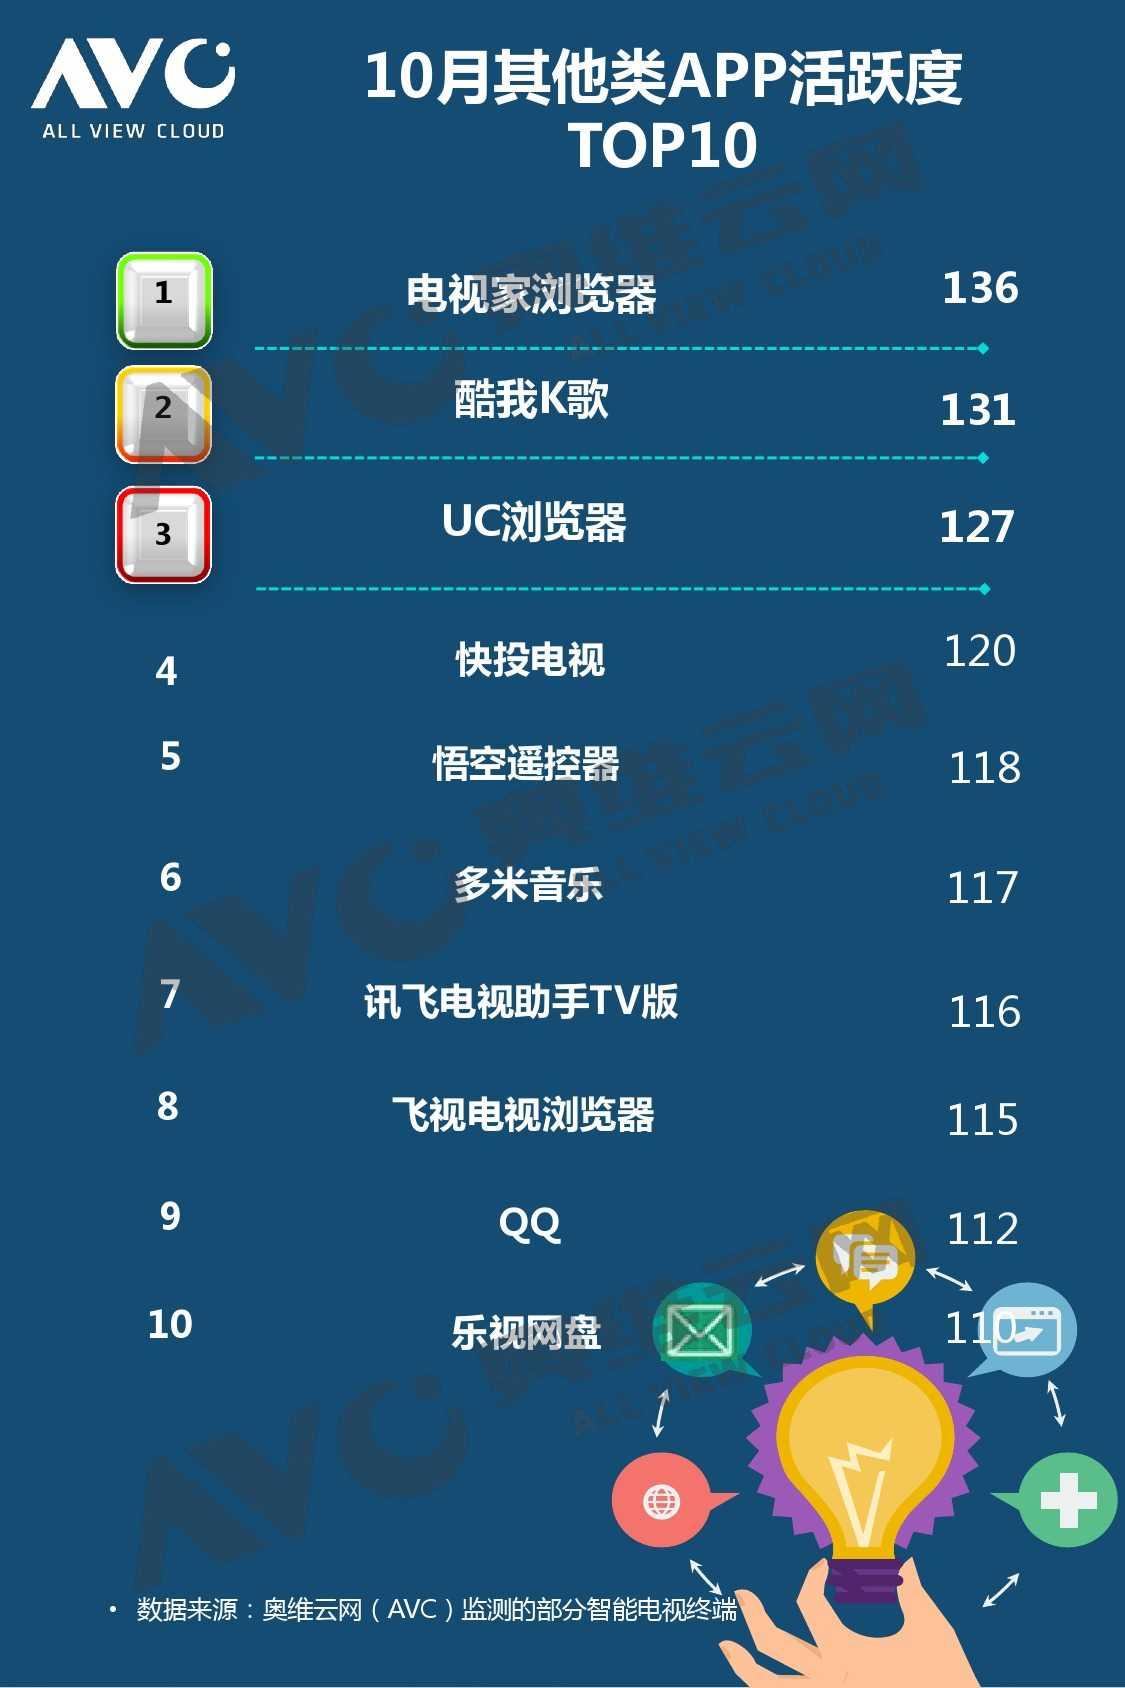 奥维云网:2015年10月份中国OTT发展研究_000012